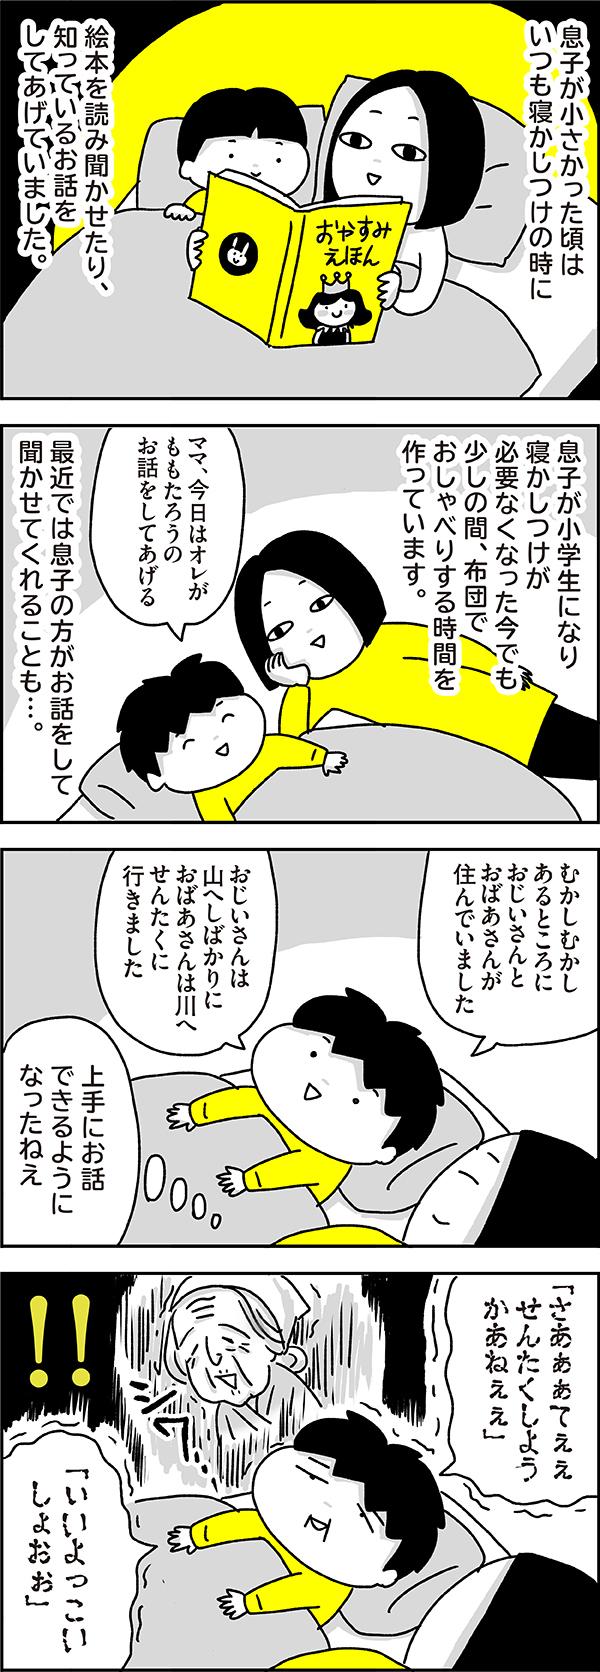 「夜のお話聞かせ」が…ショータイムに!!息子の「桃太郎」がもはや役者レベル(笑)の画像1